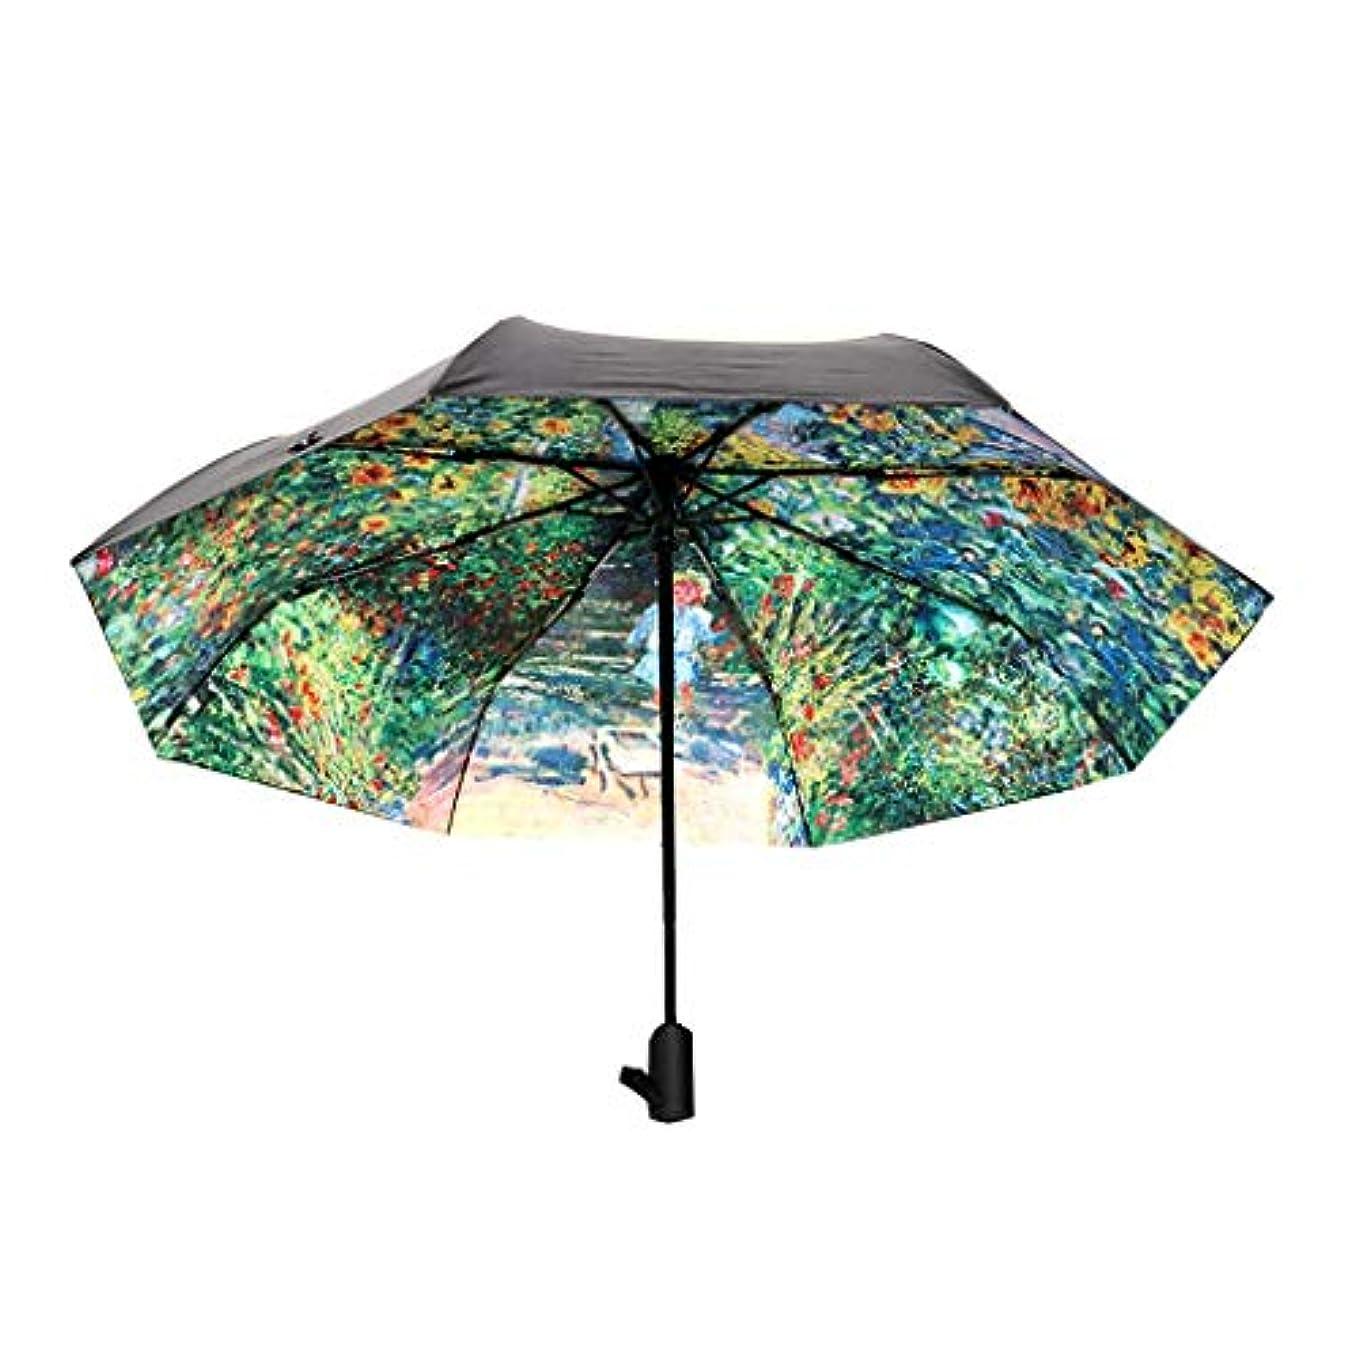 管理する仲人抱擁日傘傘折りたたみ自動モネガーデン油絵